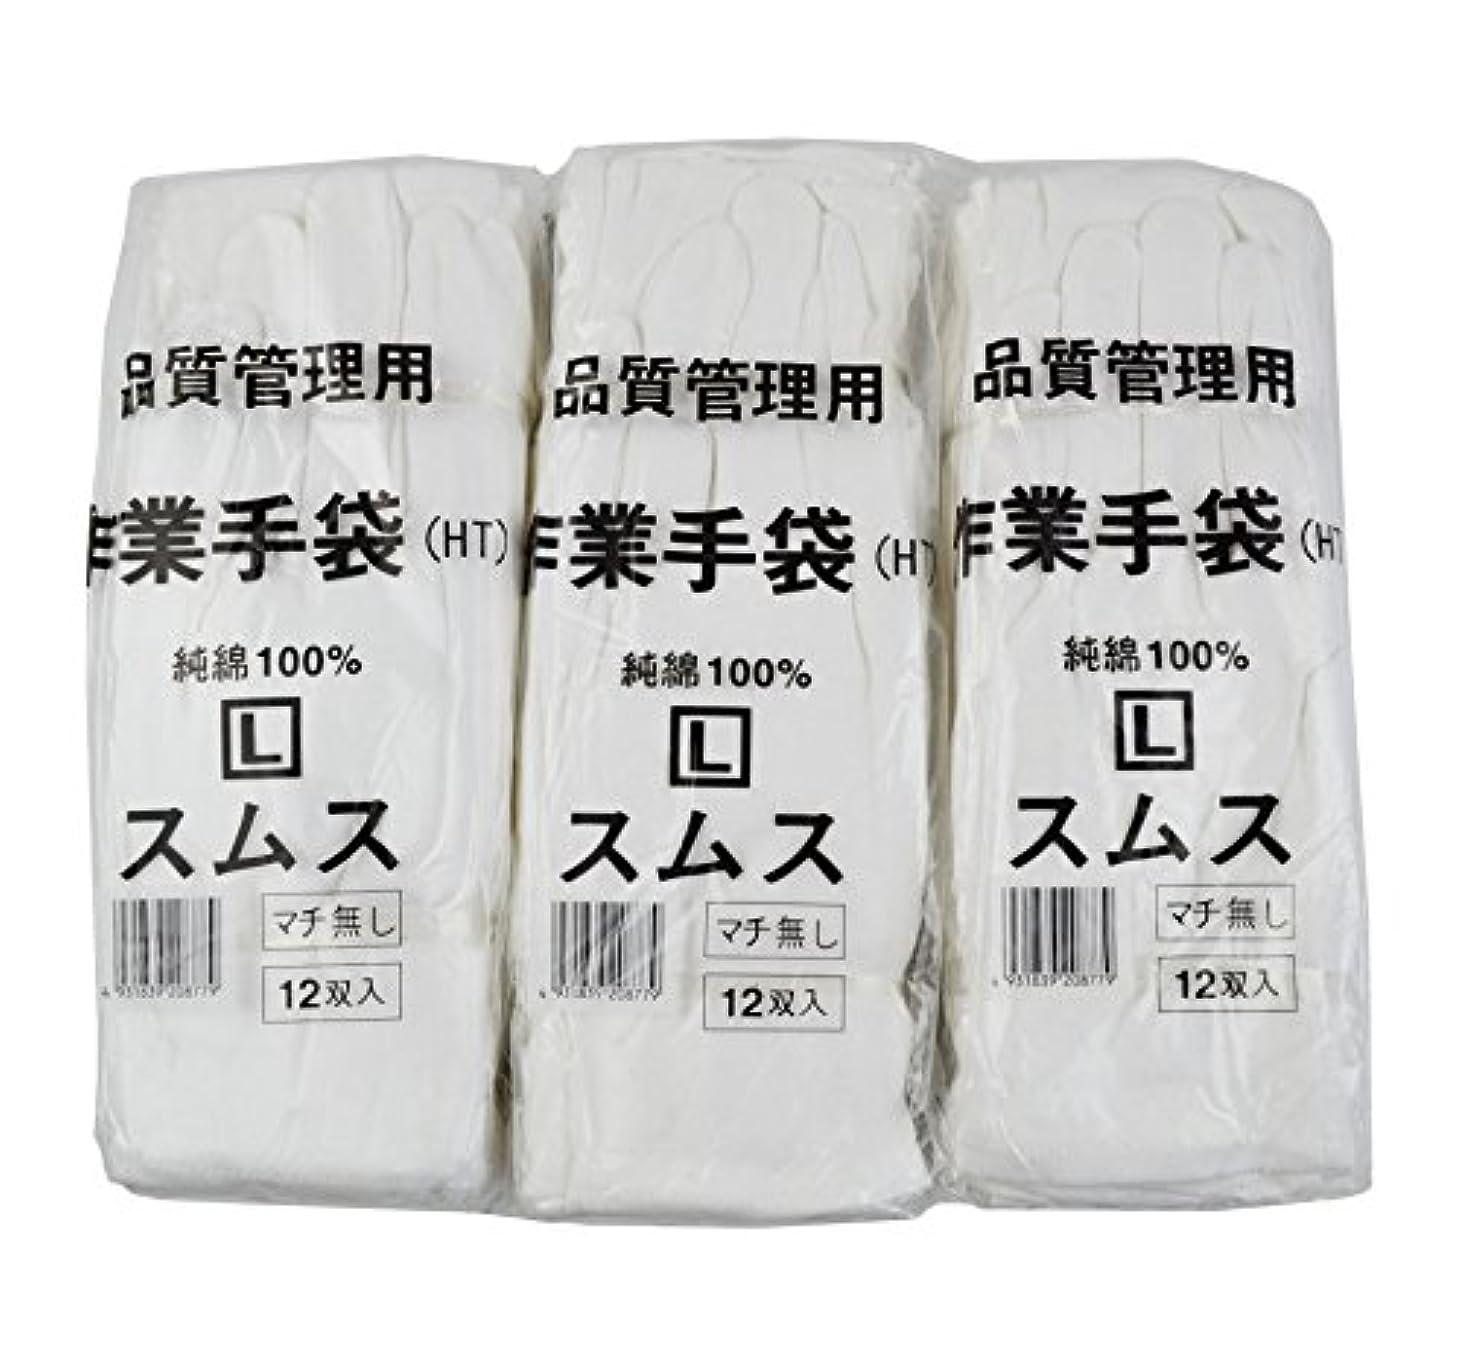 批判する領事館発生する【お得なセット売り】(36双) 純綿100% スムス 手袋 Lサイズ 12双×3袋セット 大人用 多用途 作業手袋 101118